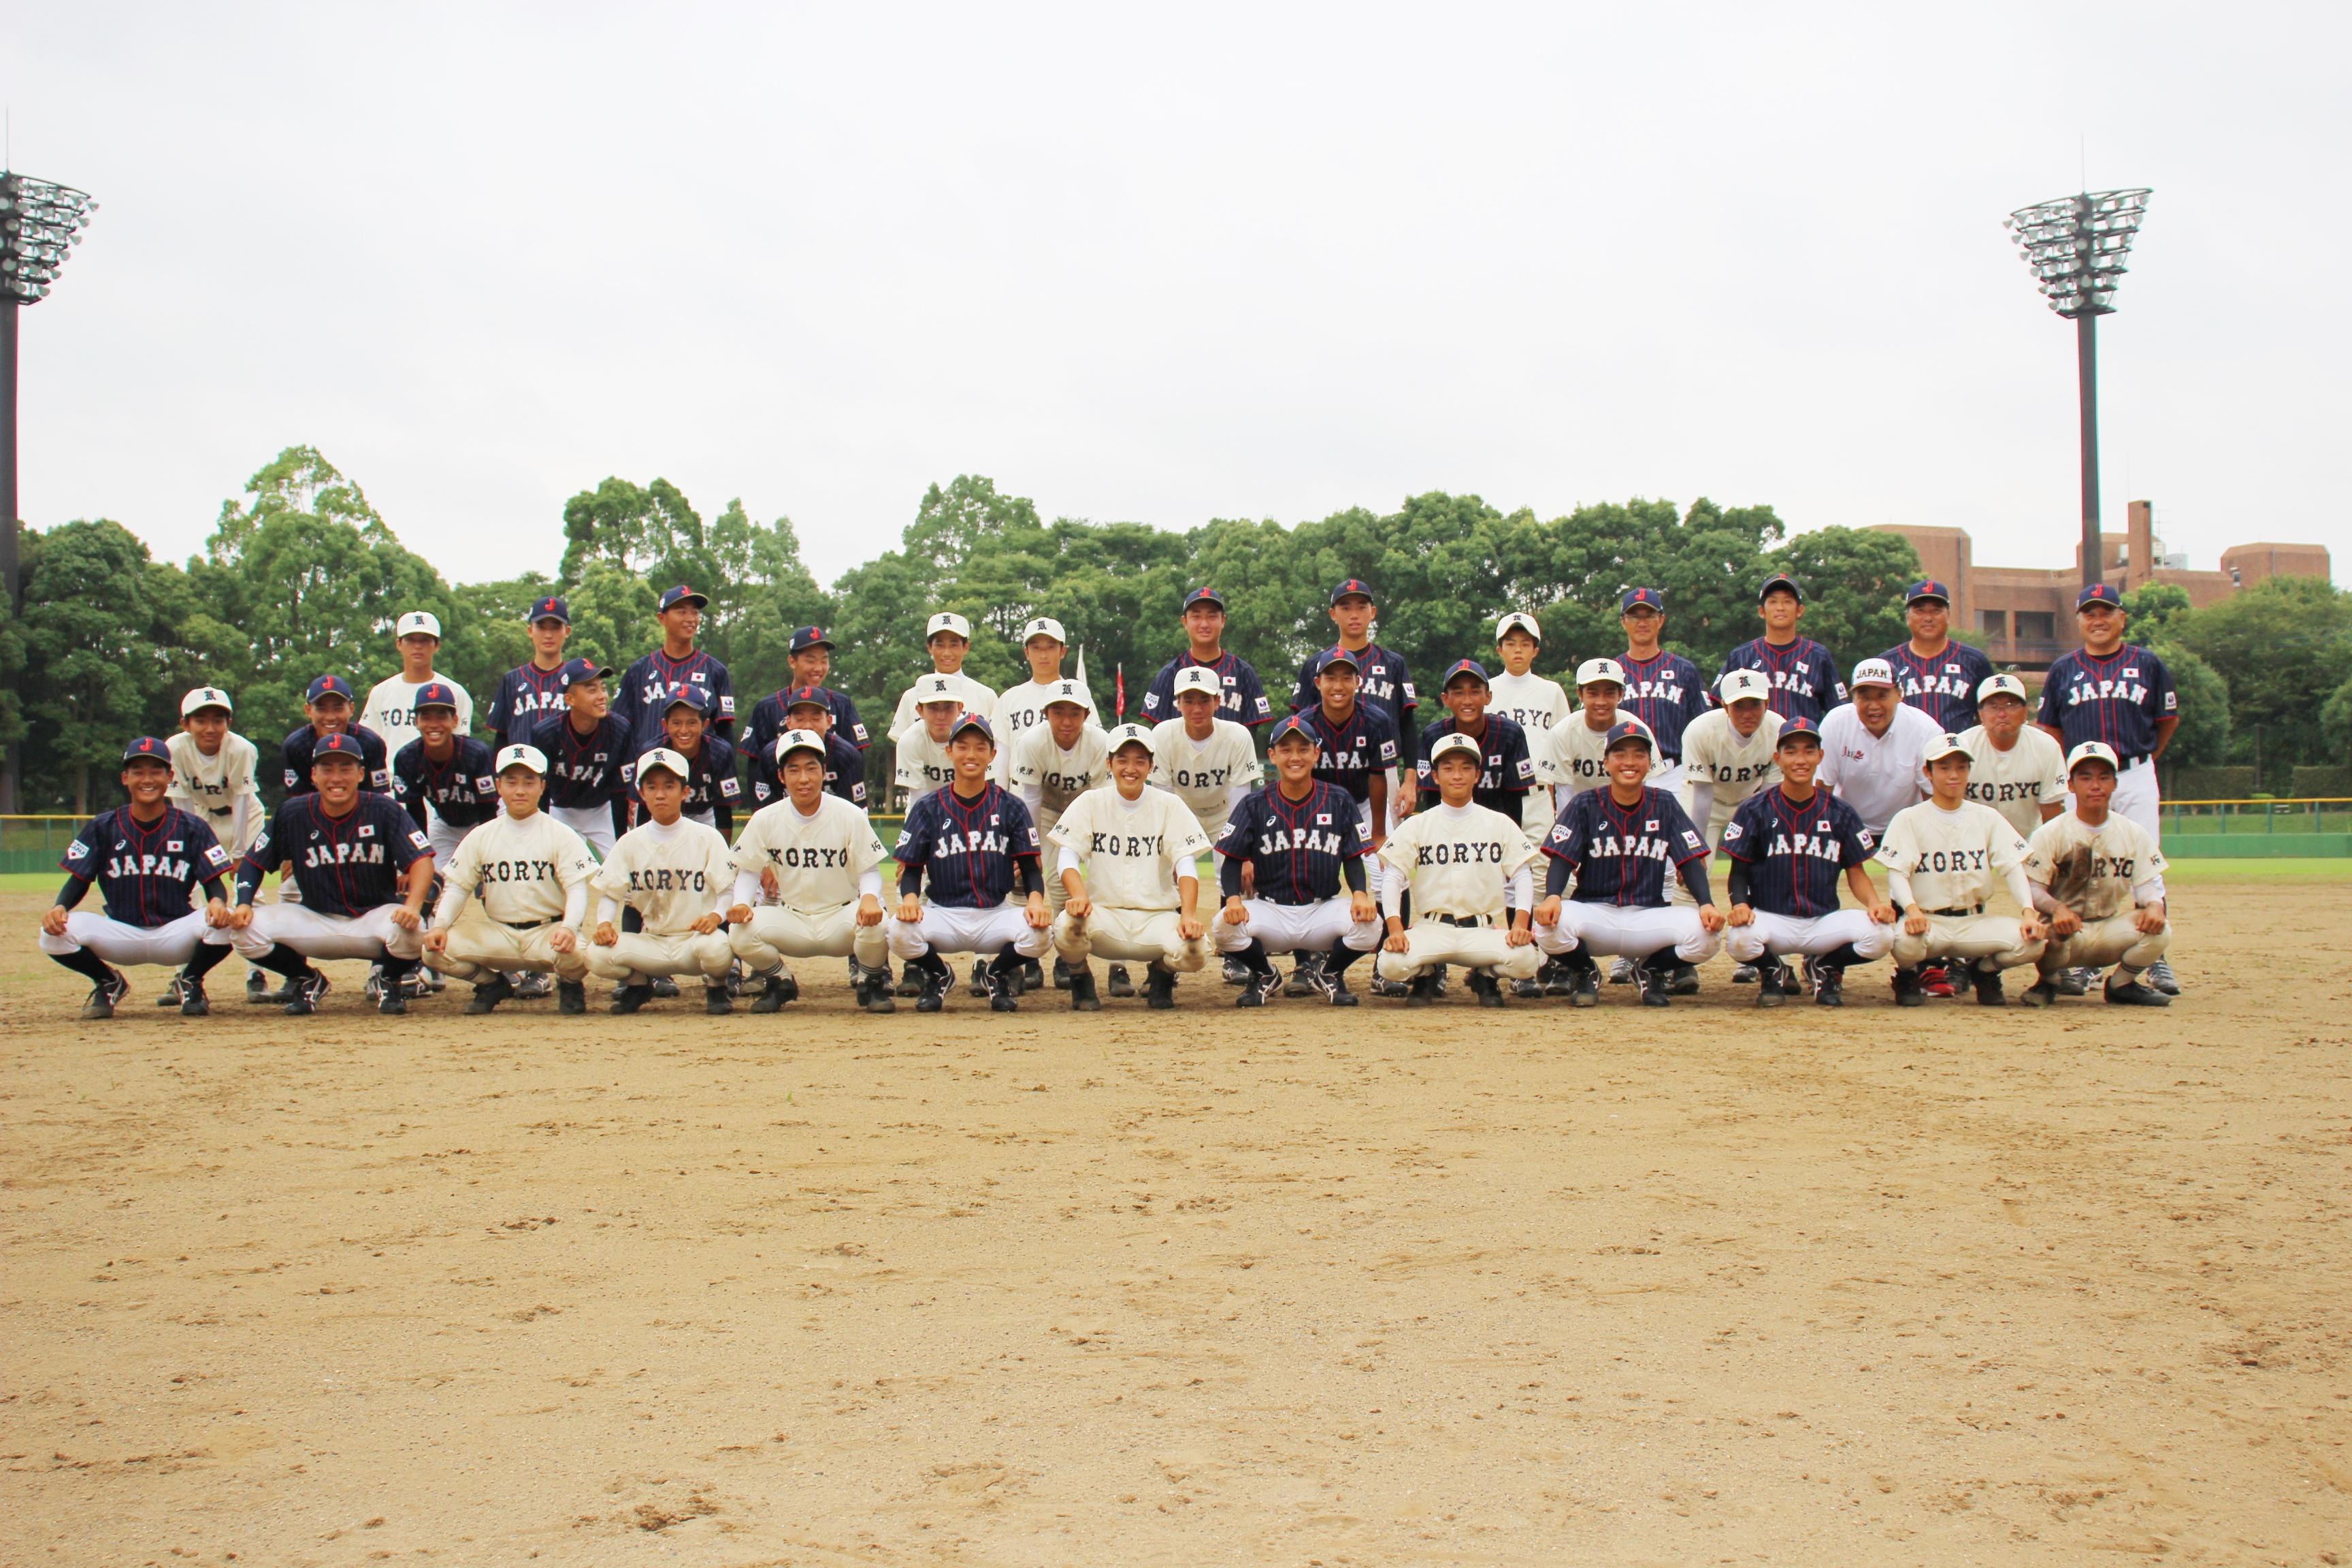 アンダー15侍ジャパンの選手たちと拓大紅陵軟式野球部との記念撮影